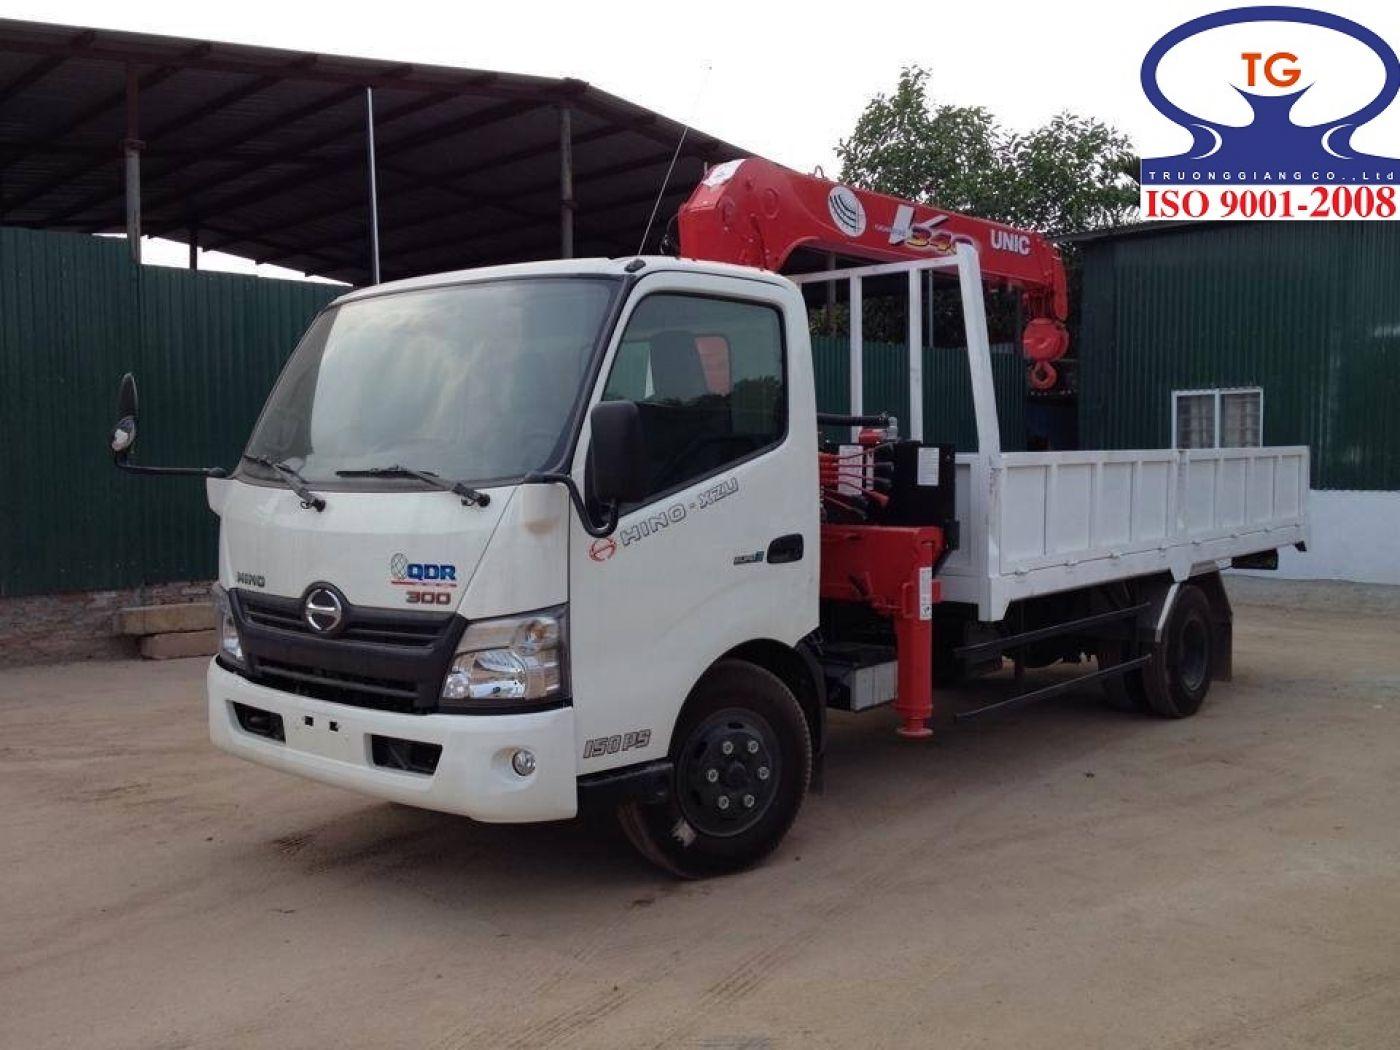 Xe tải Hino XZU730L tải trọng 3.9 tấn gắn cẩu